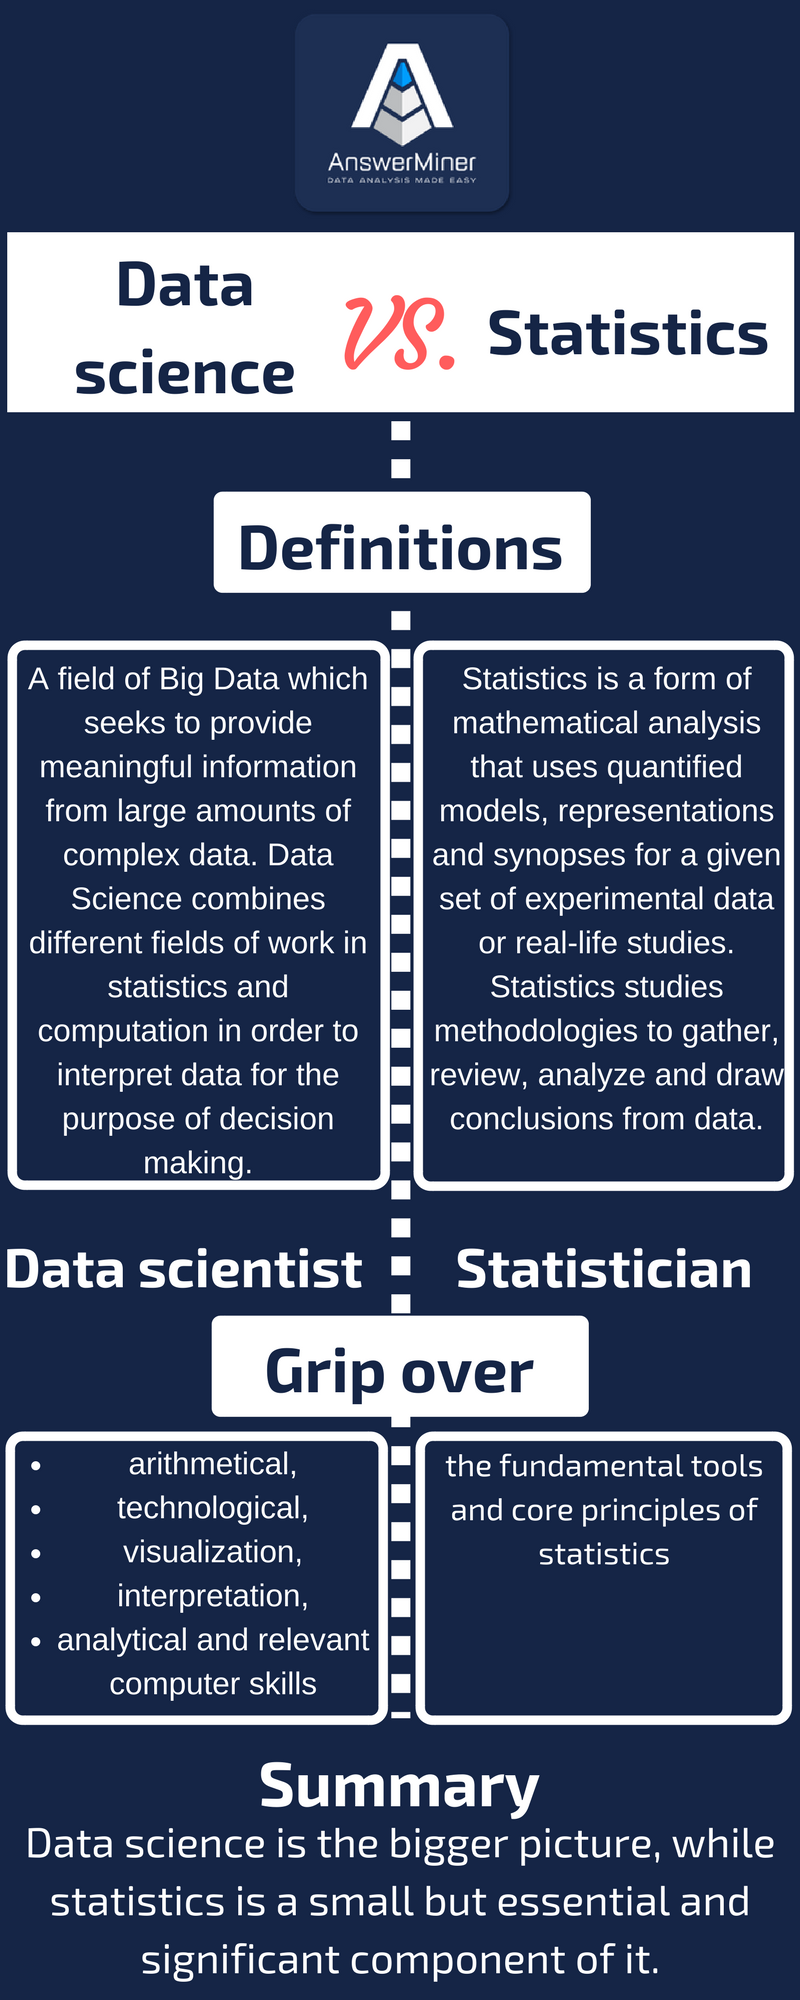 59 People Analytics Ideas In 2021 Analytics Data Science Data Analytics